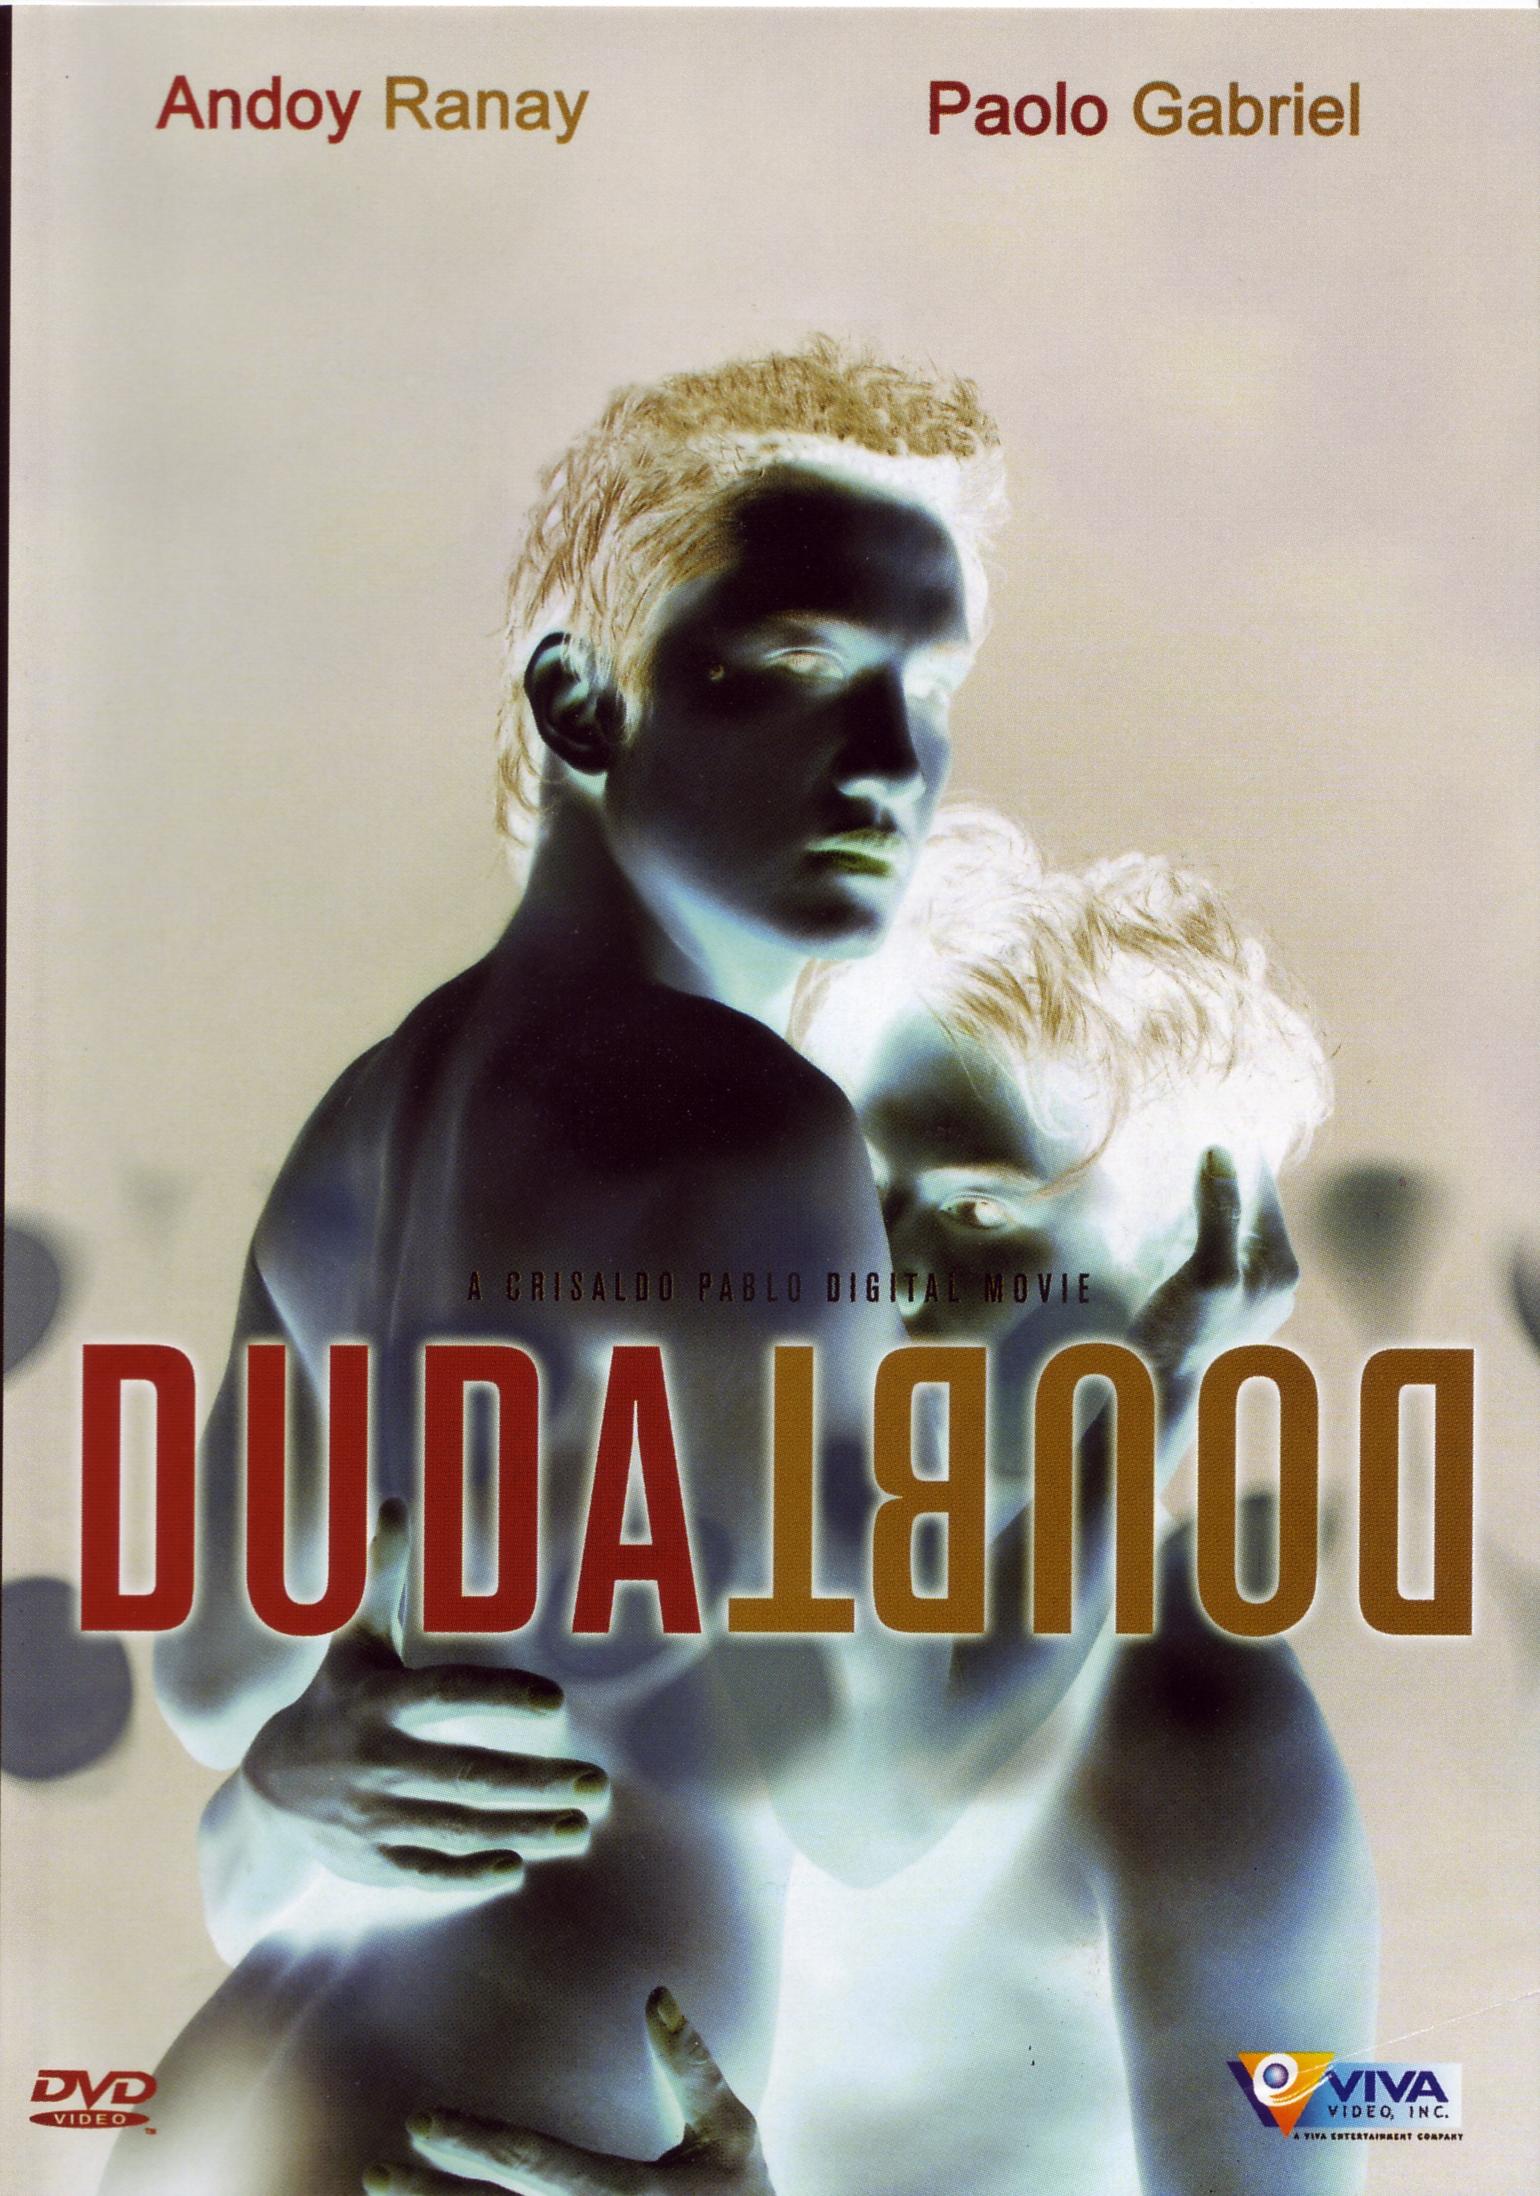 Duda Doubt